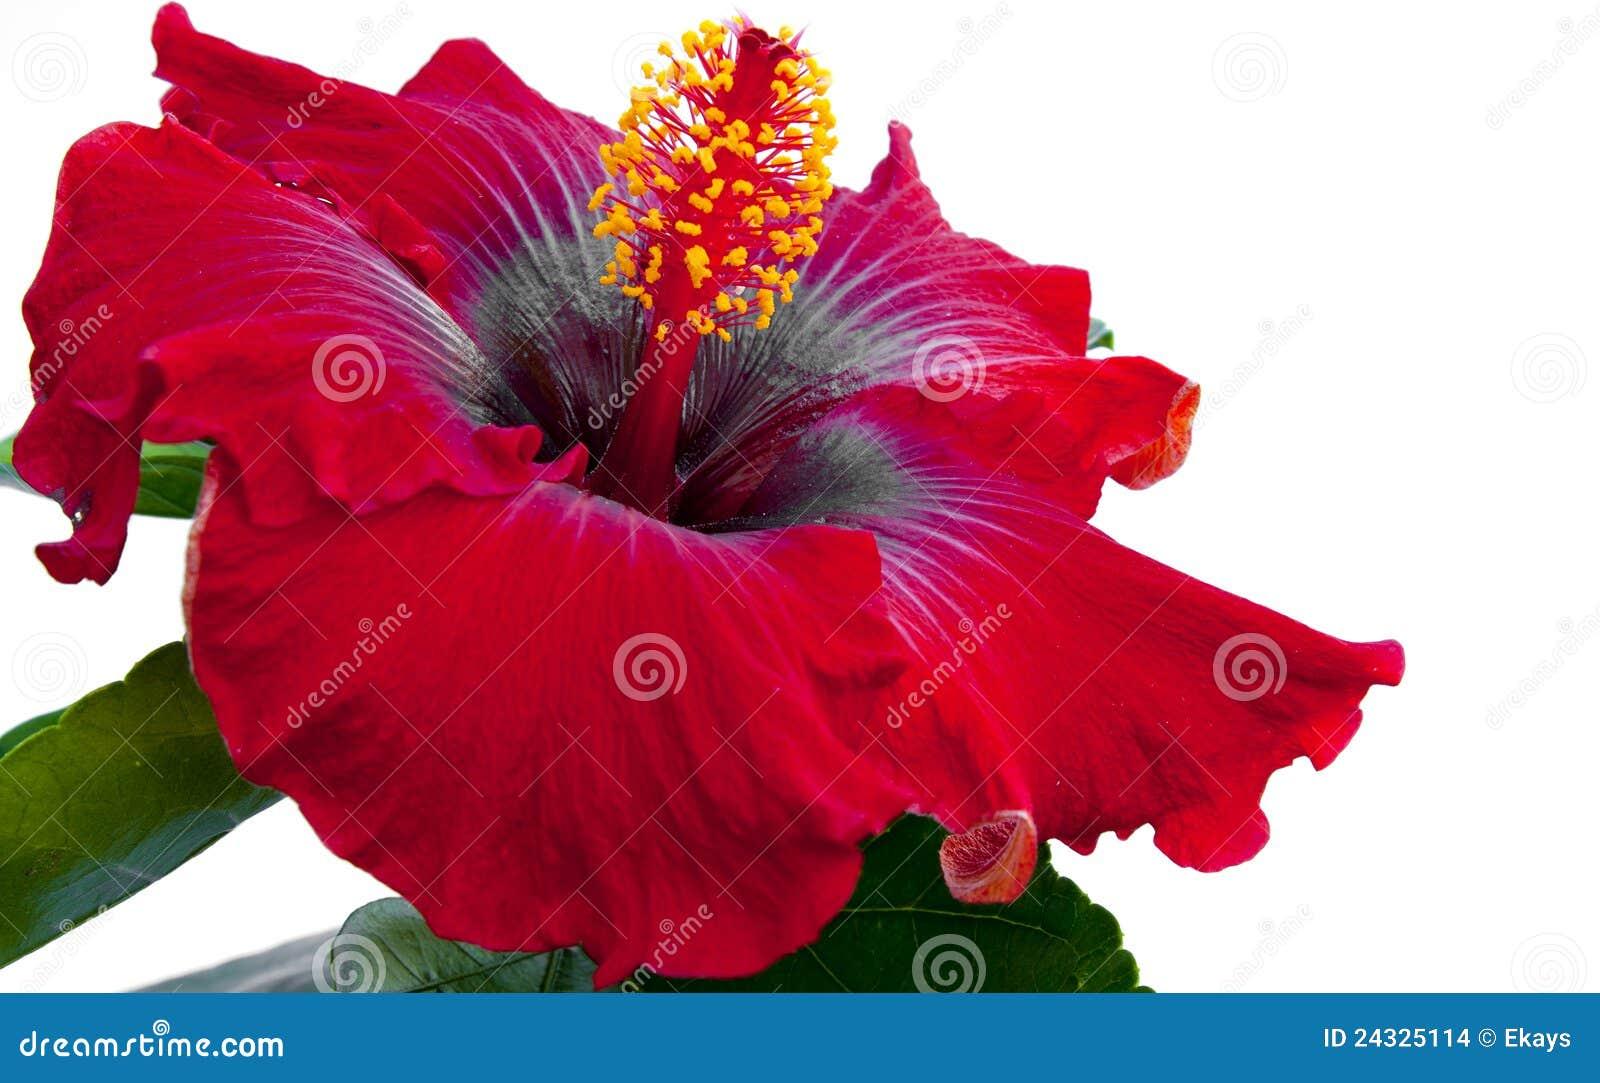 Spanish Lady Hibicus Flower Stock Image